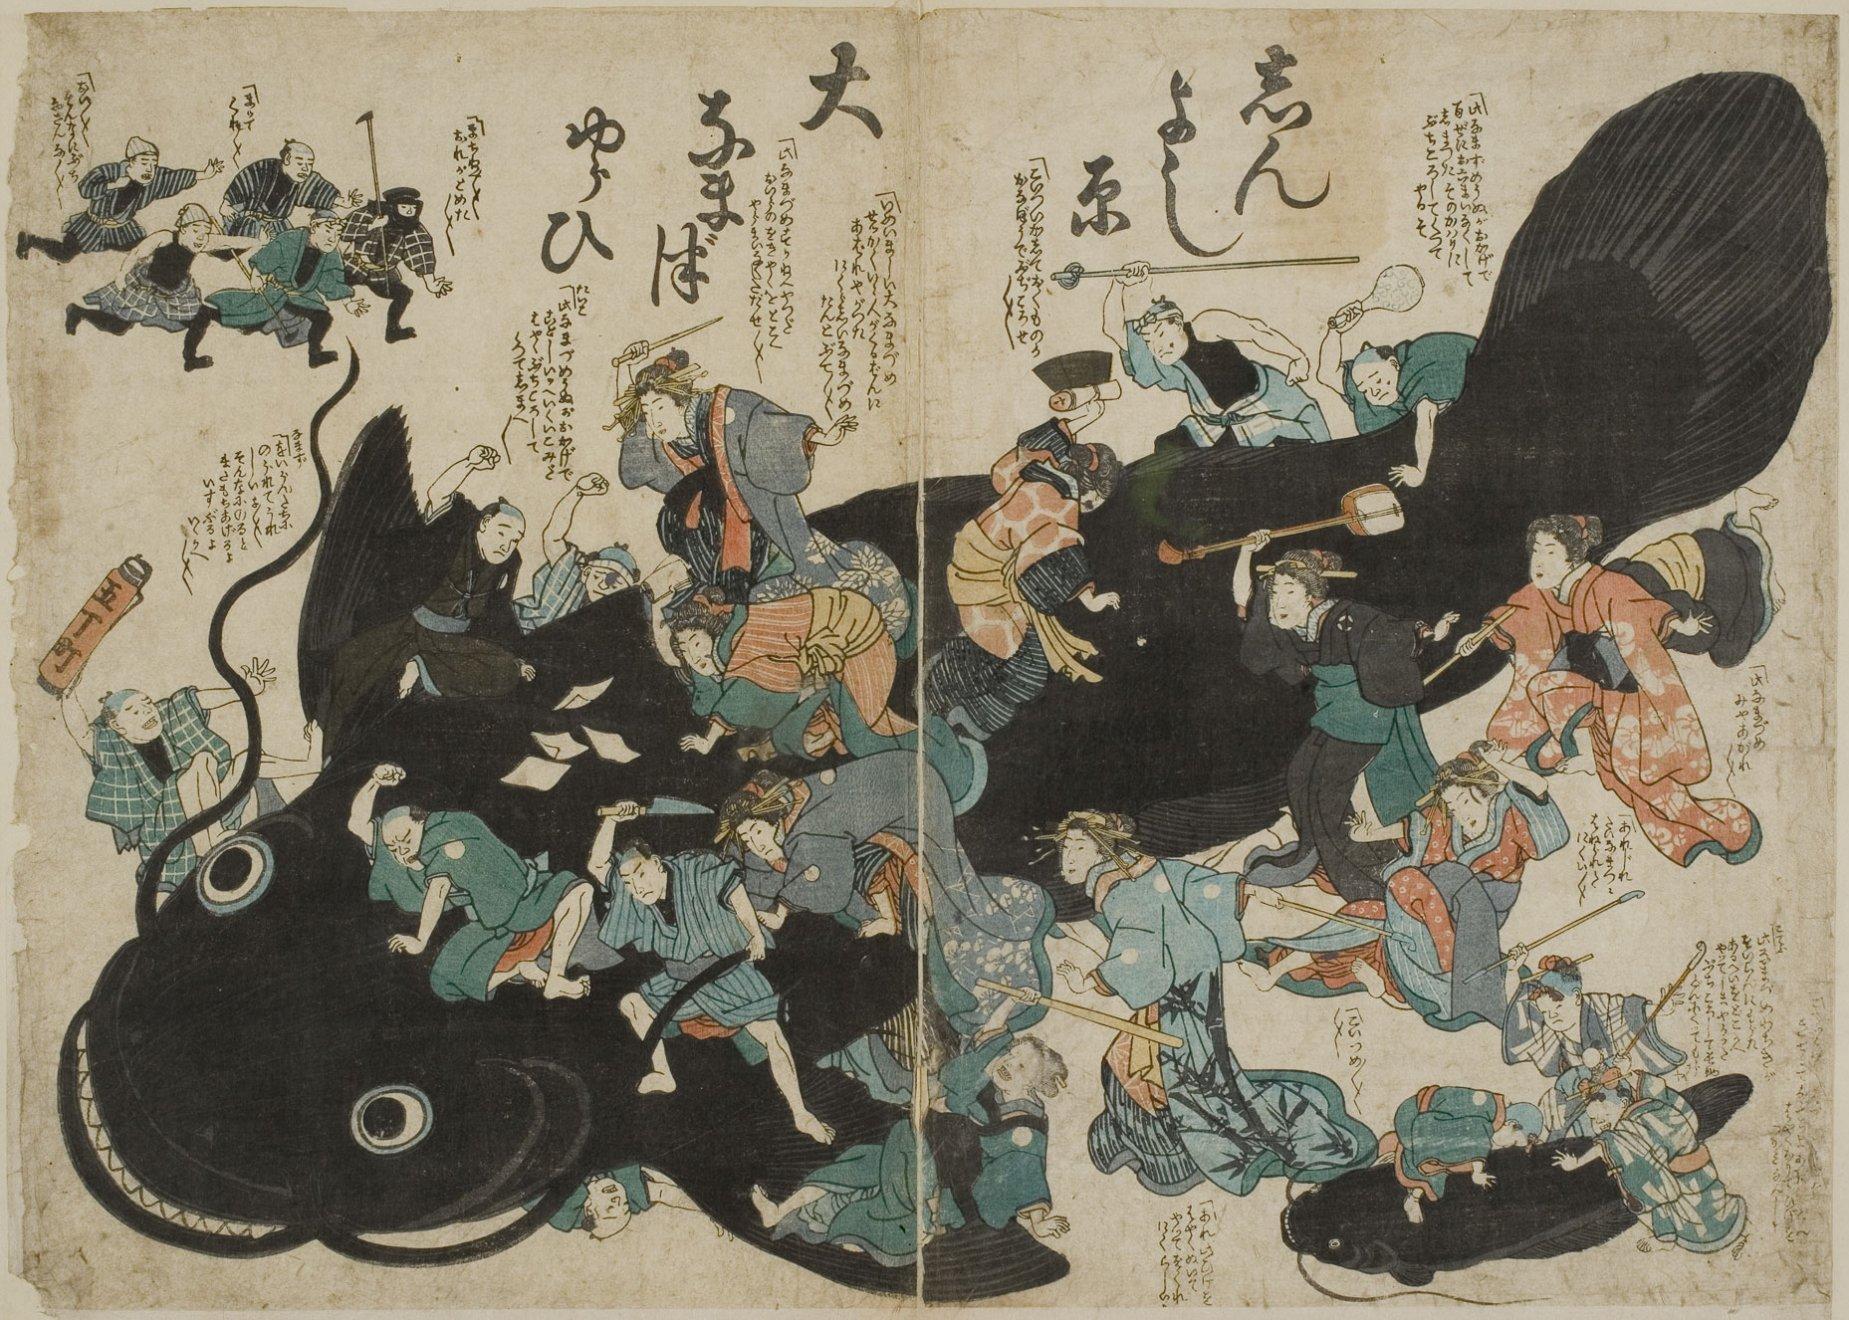 Thế giới huyền ảo trong thần thoại và cổ tích Nhật Bản